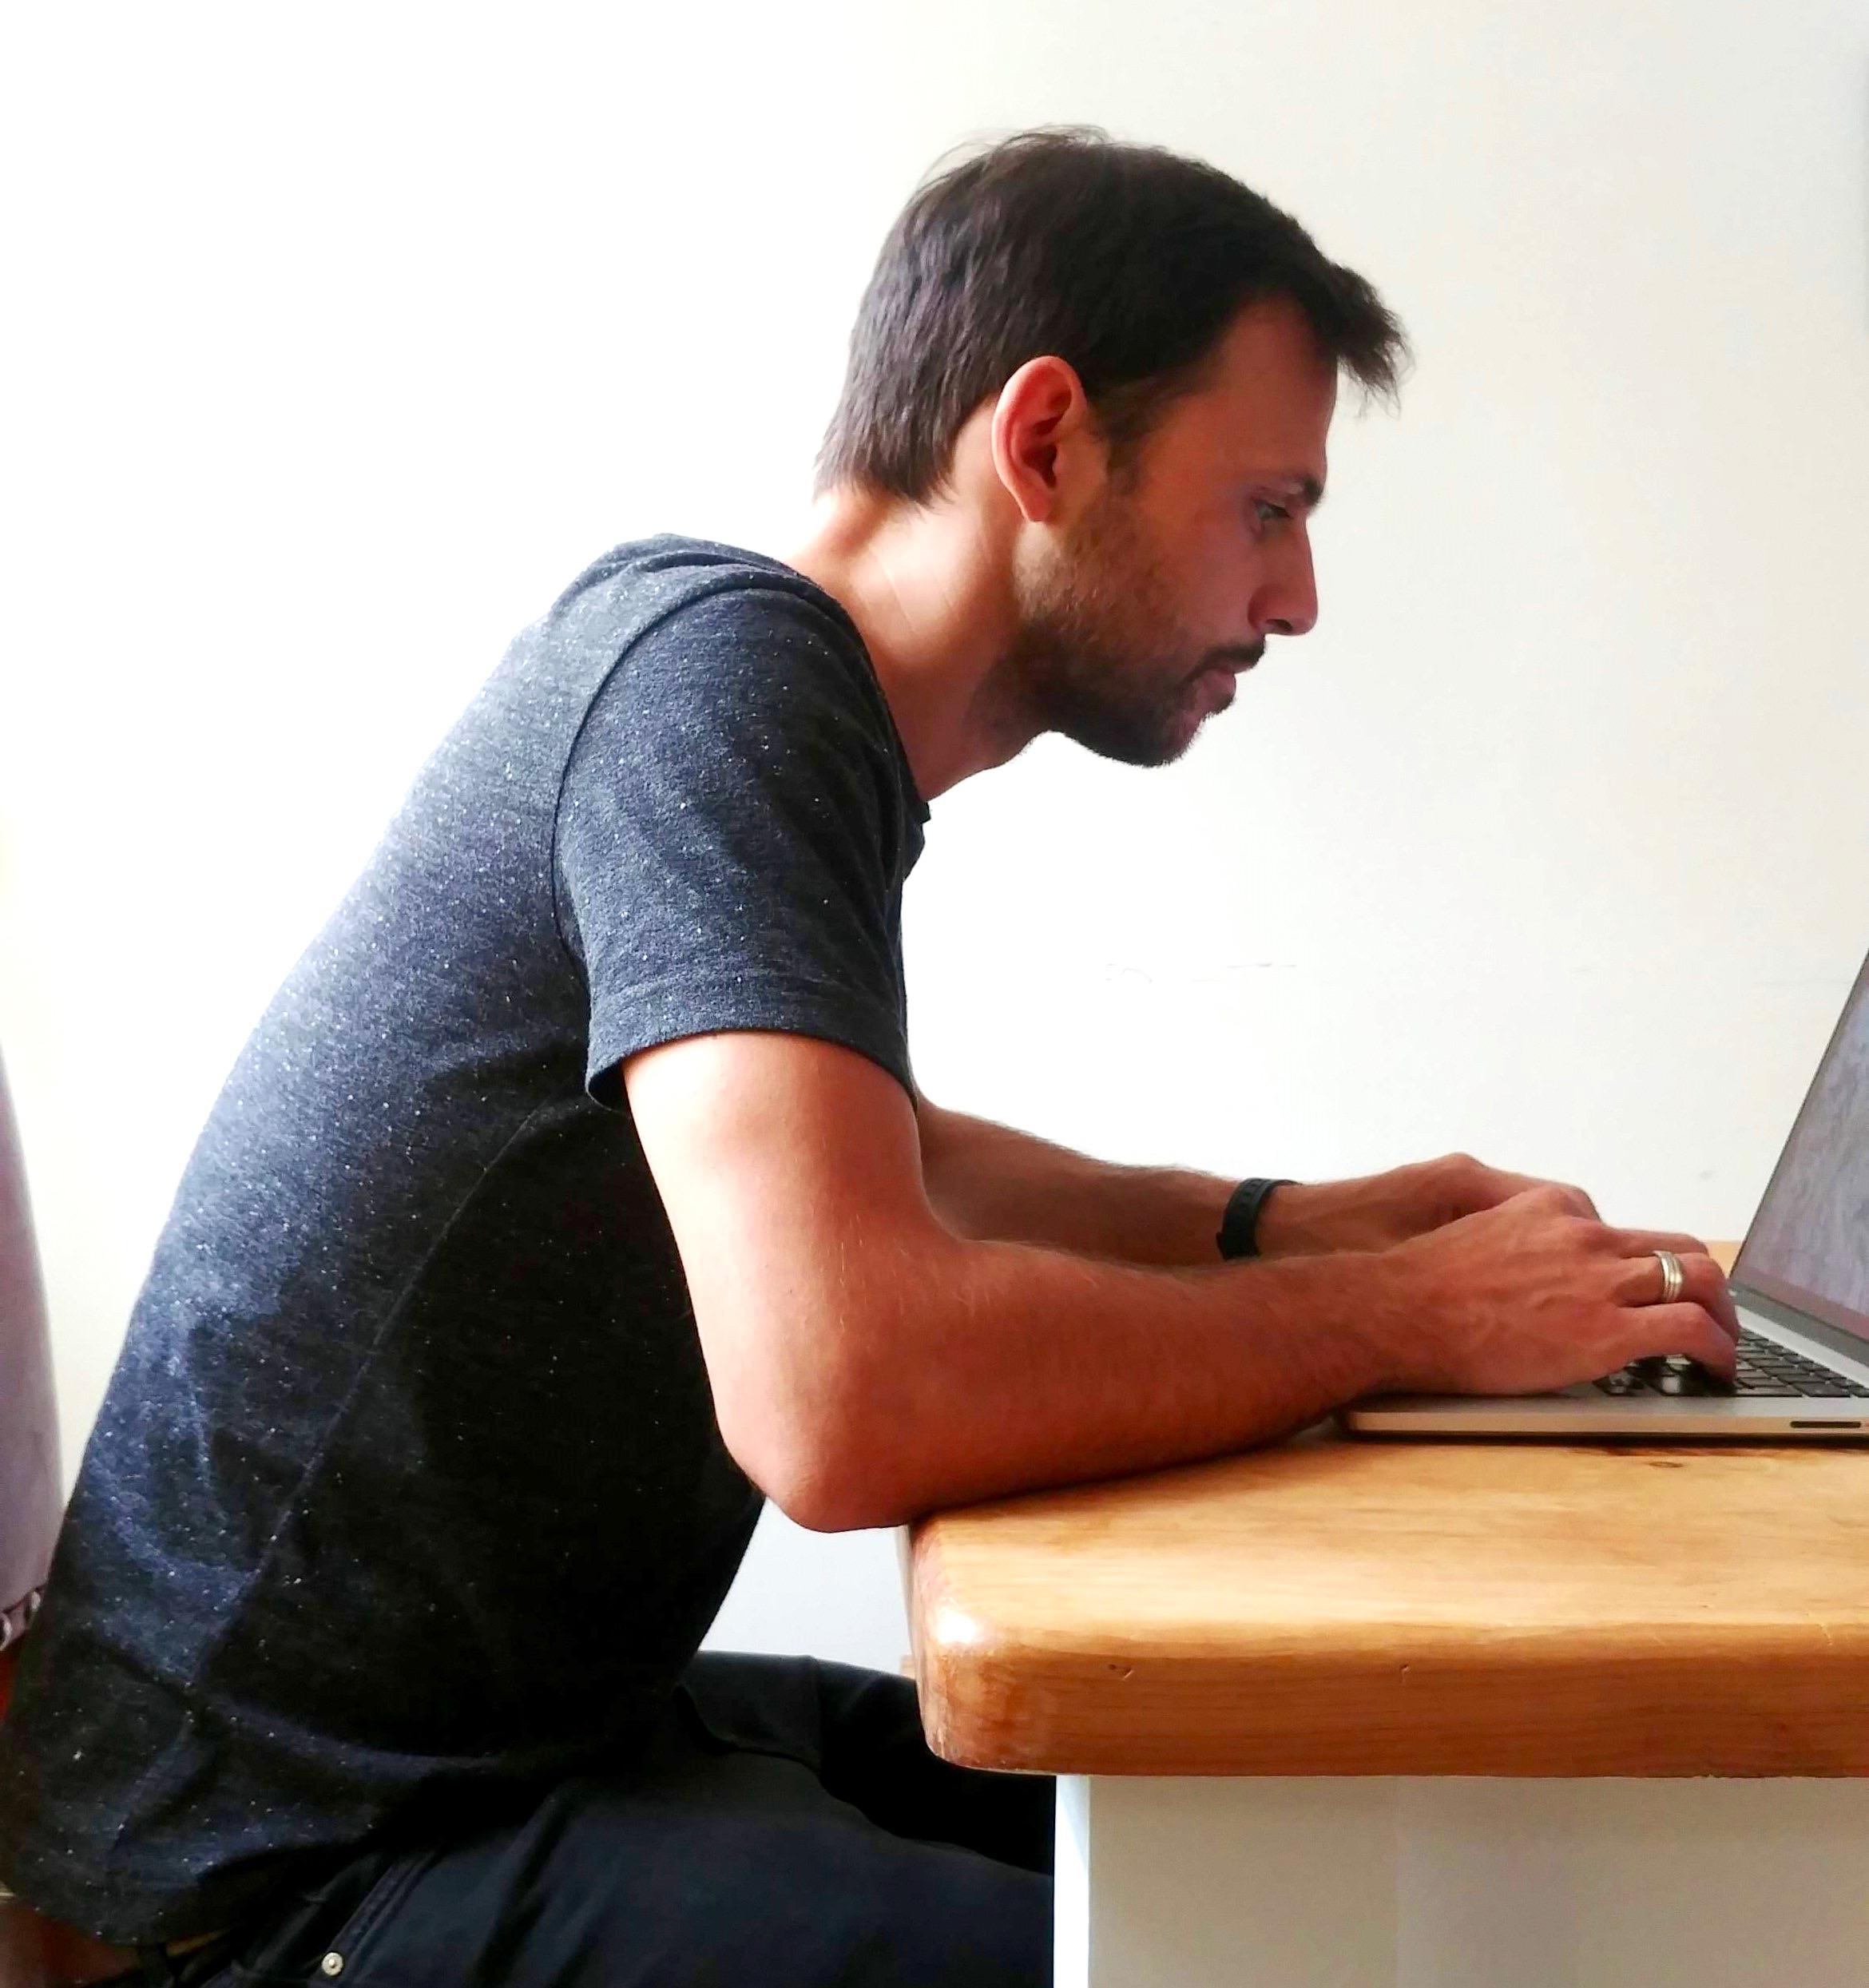 Better posture, slumping at desk image